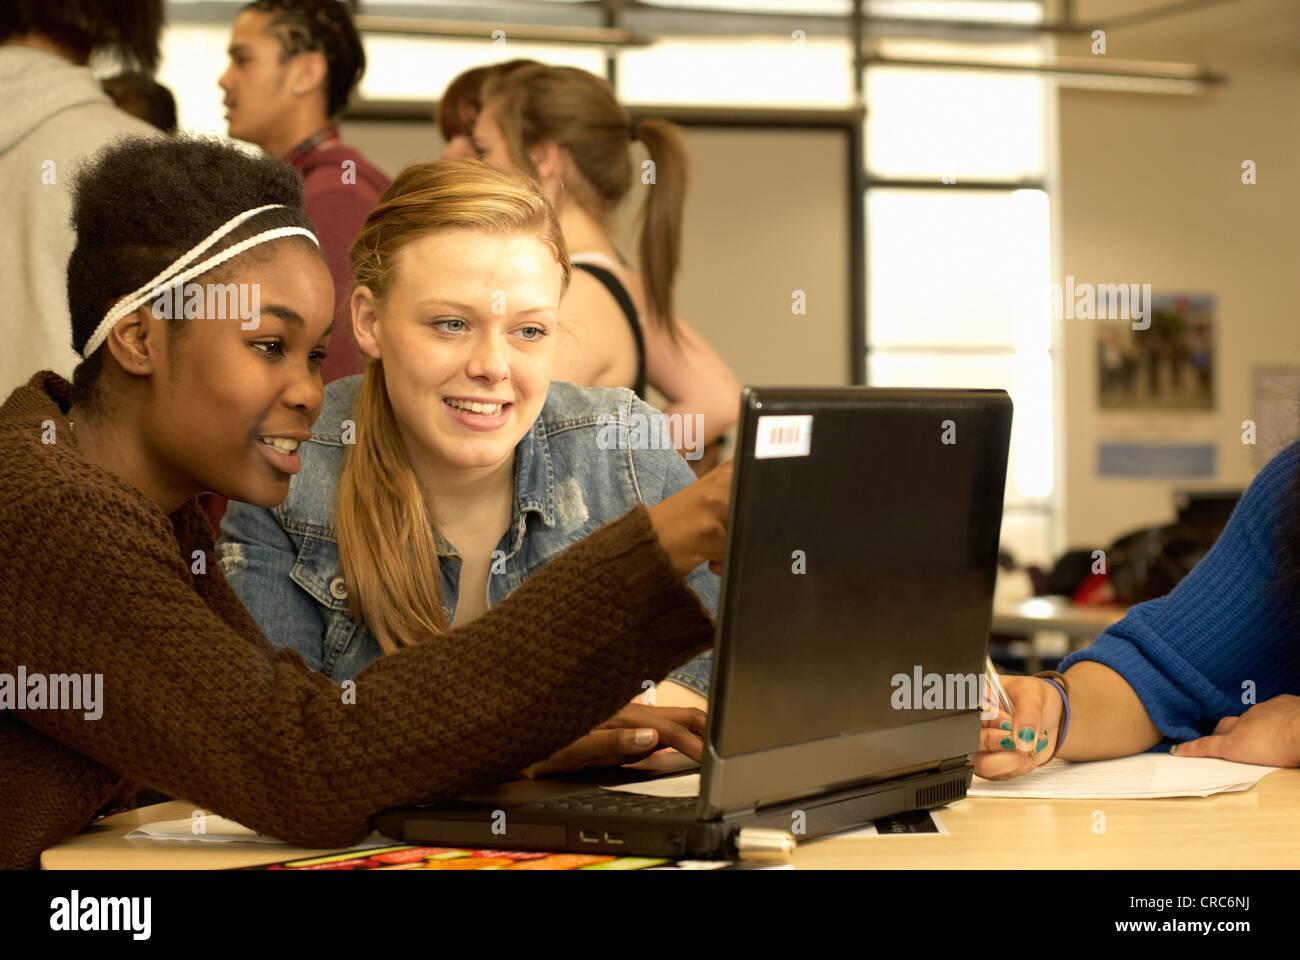 Los estudiantes trabajan juntos en la biblioteca Imagen De Stock